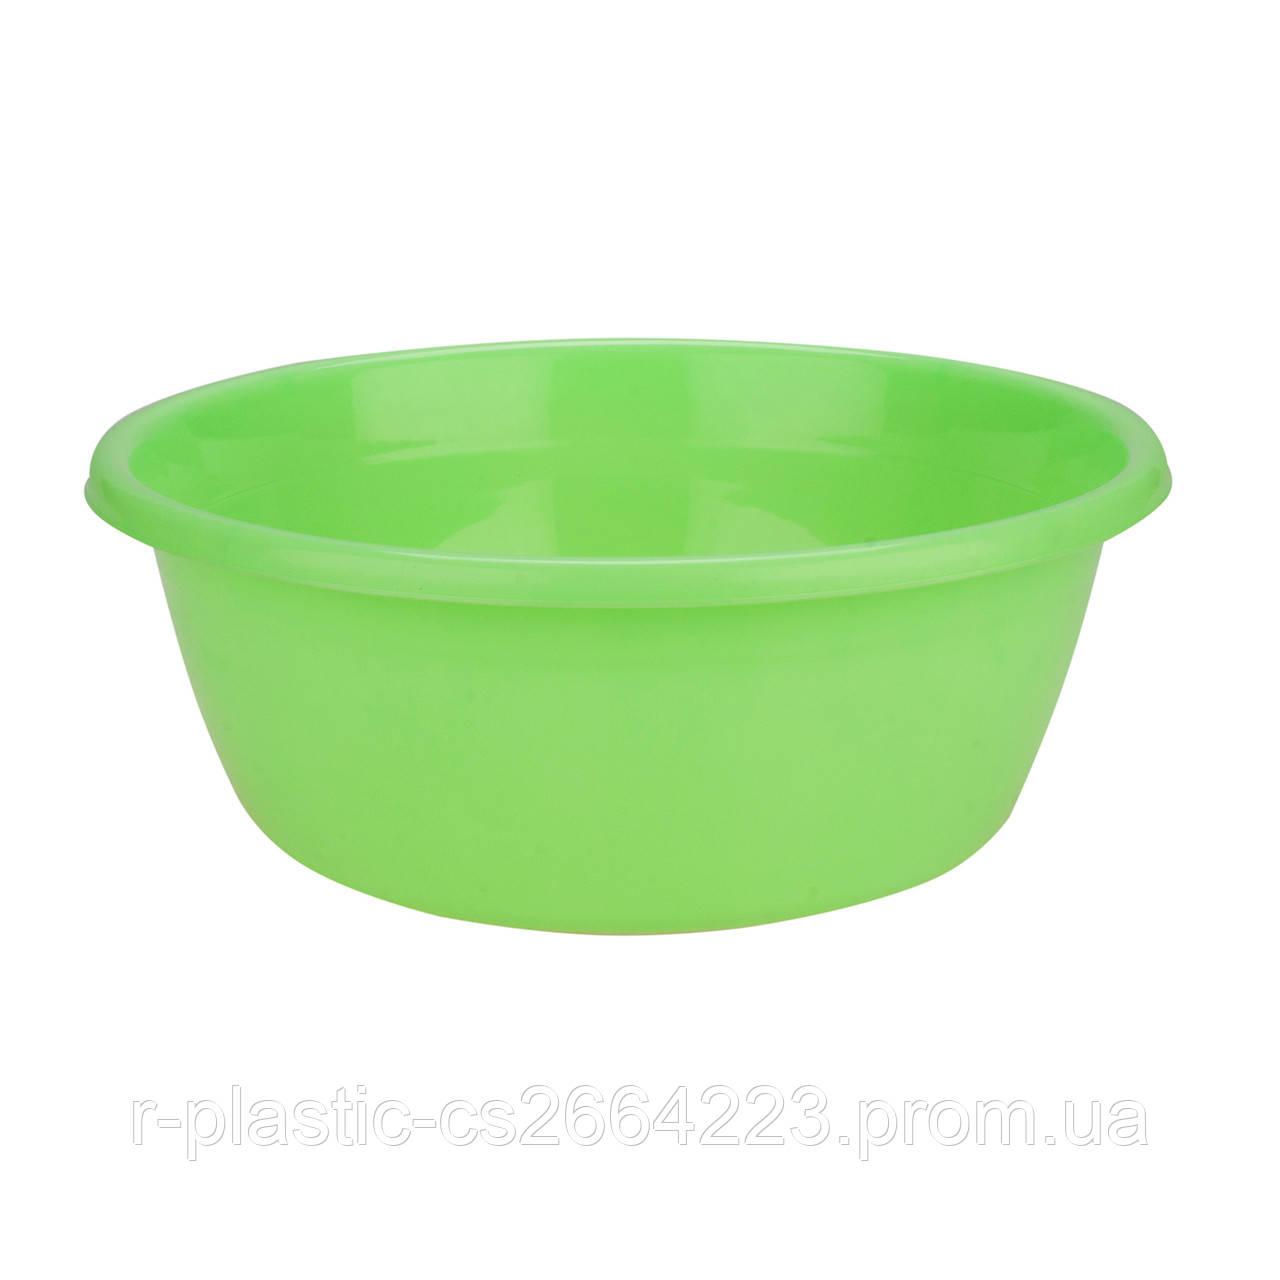 Миска R-Plastic цветная 7л салатовая